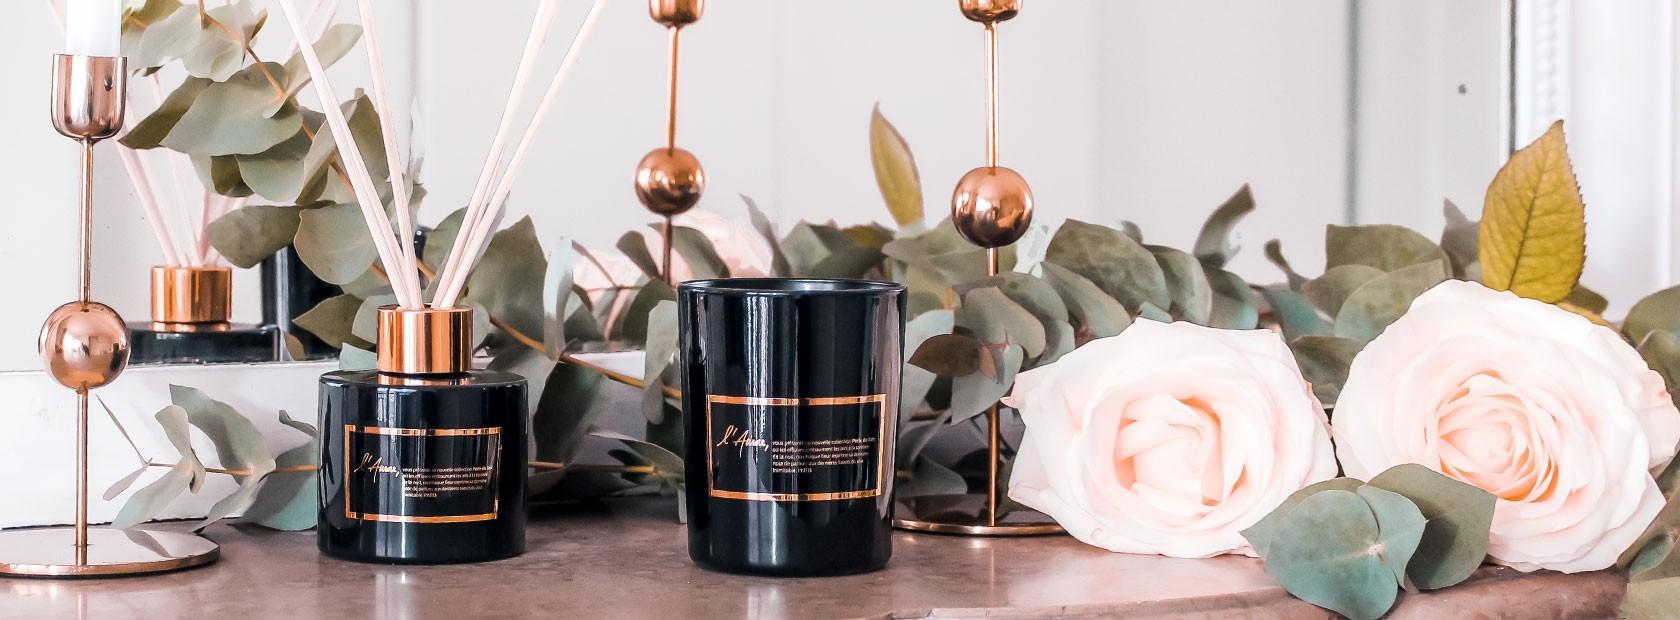 Best scented candles | L'Aurore Paris